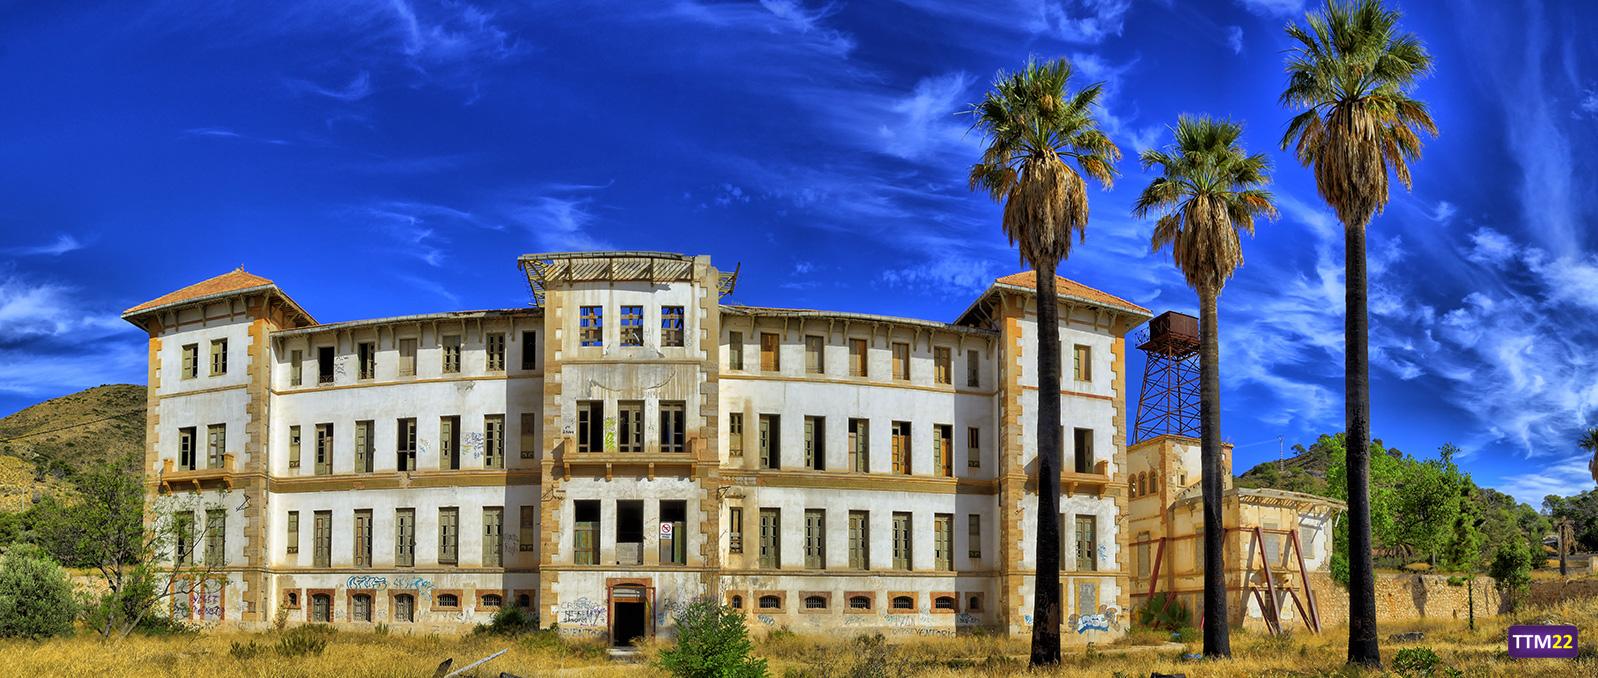 Los lugares abandonados más espectaculares de España Preventorio-aguas-busot-hdr